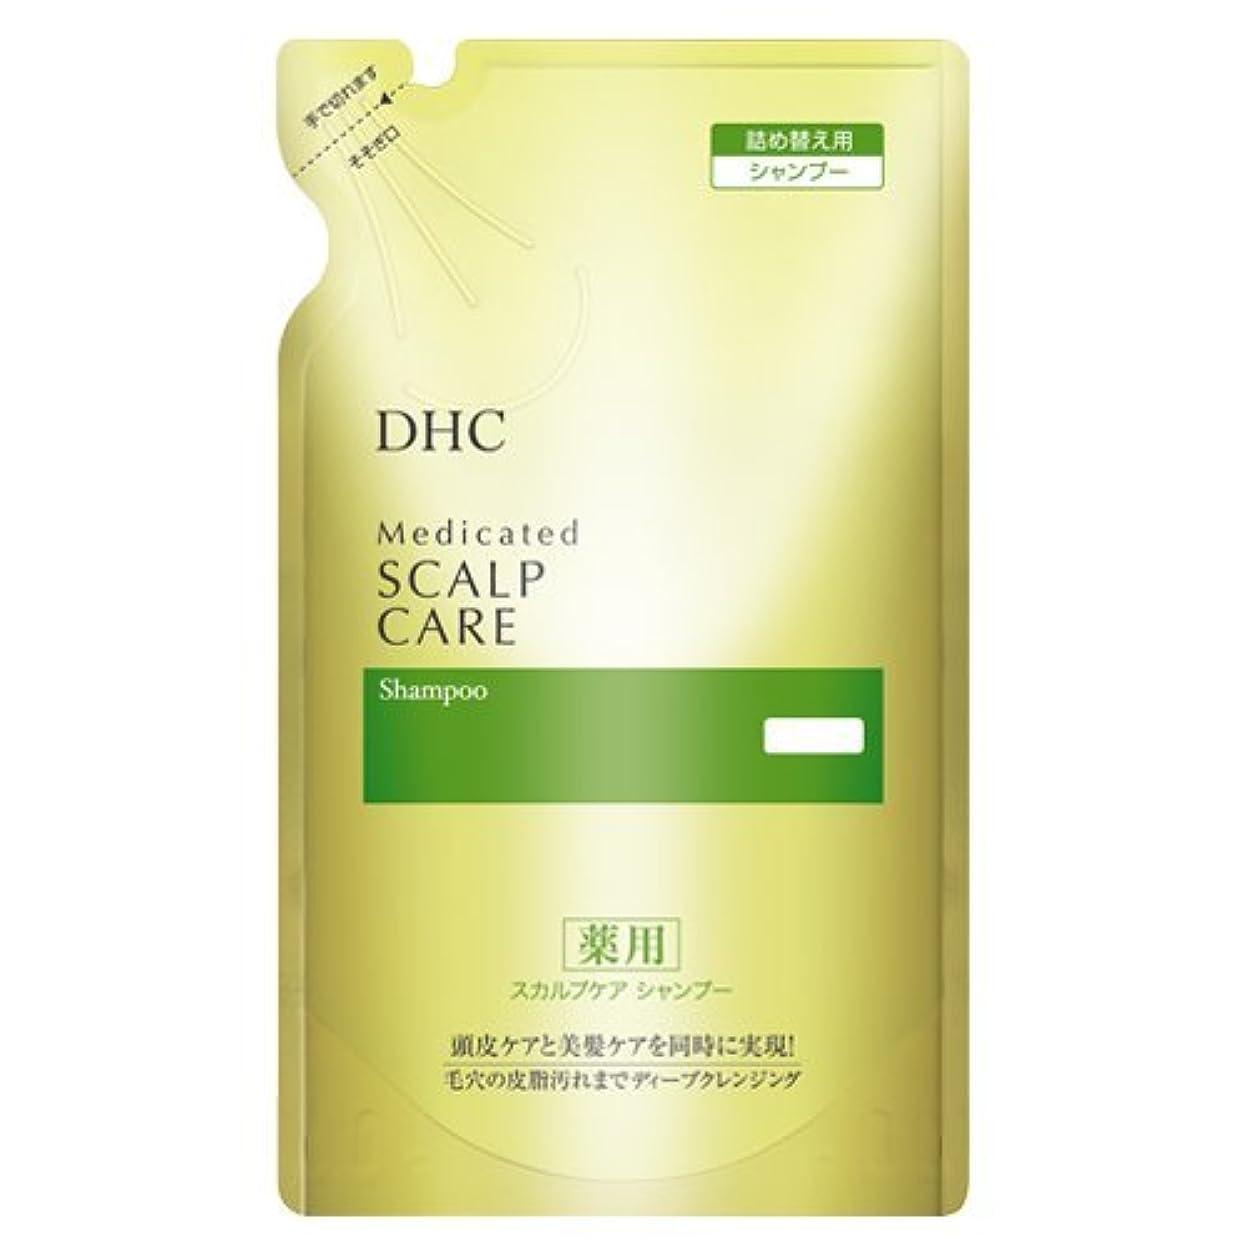 エリートパット構造的【医薬部外品】DHC薬用スカルプケア シャンプー 詰め替え用